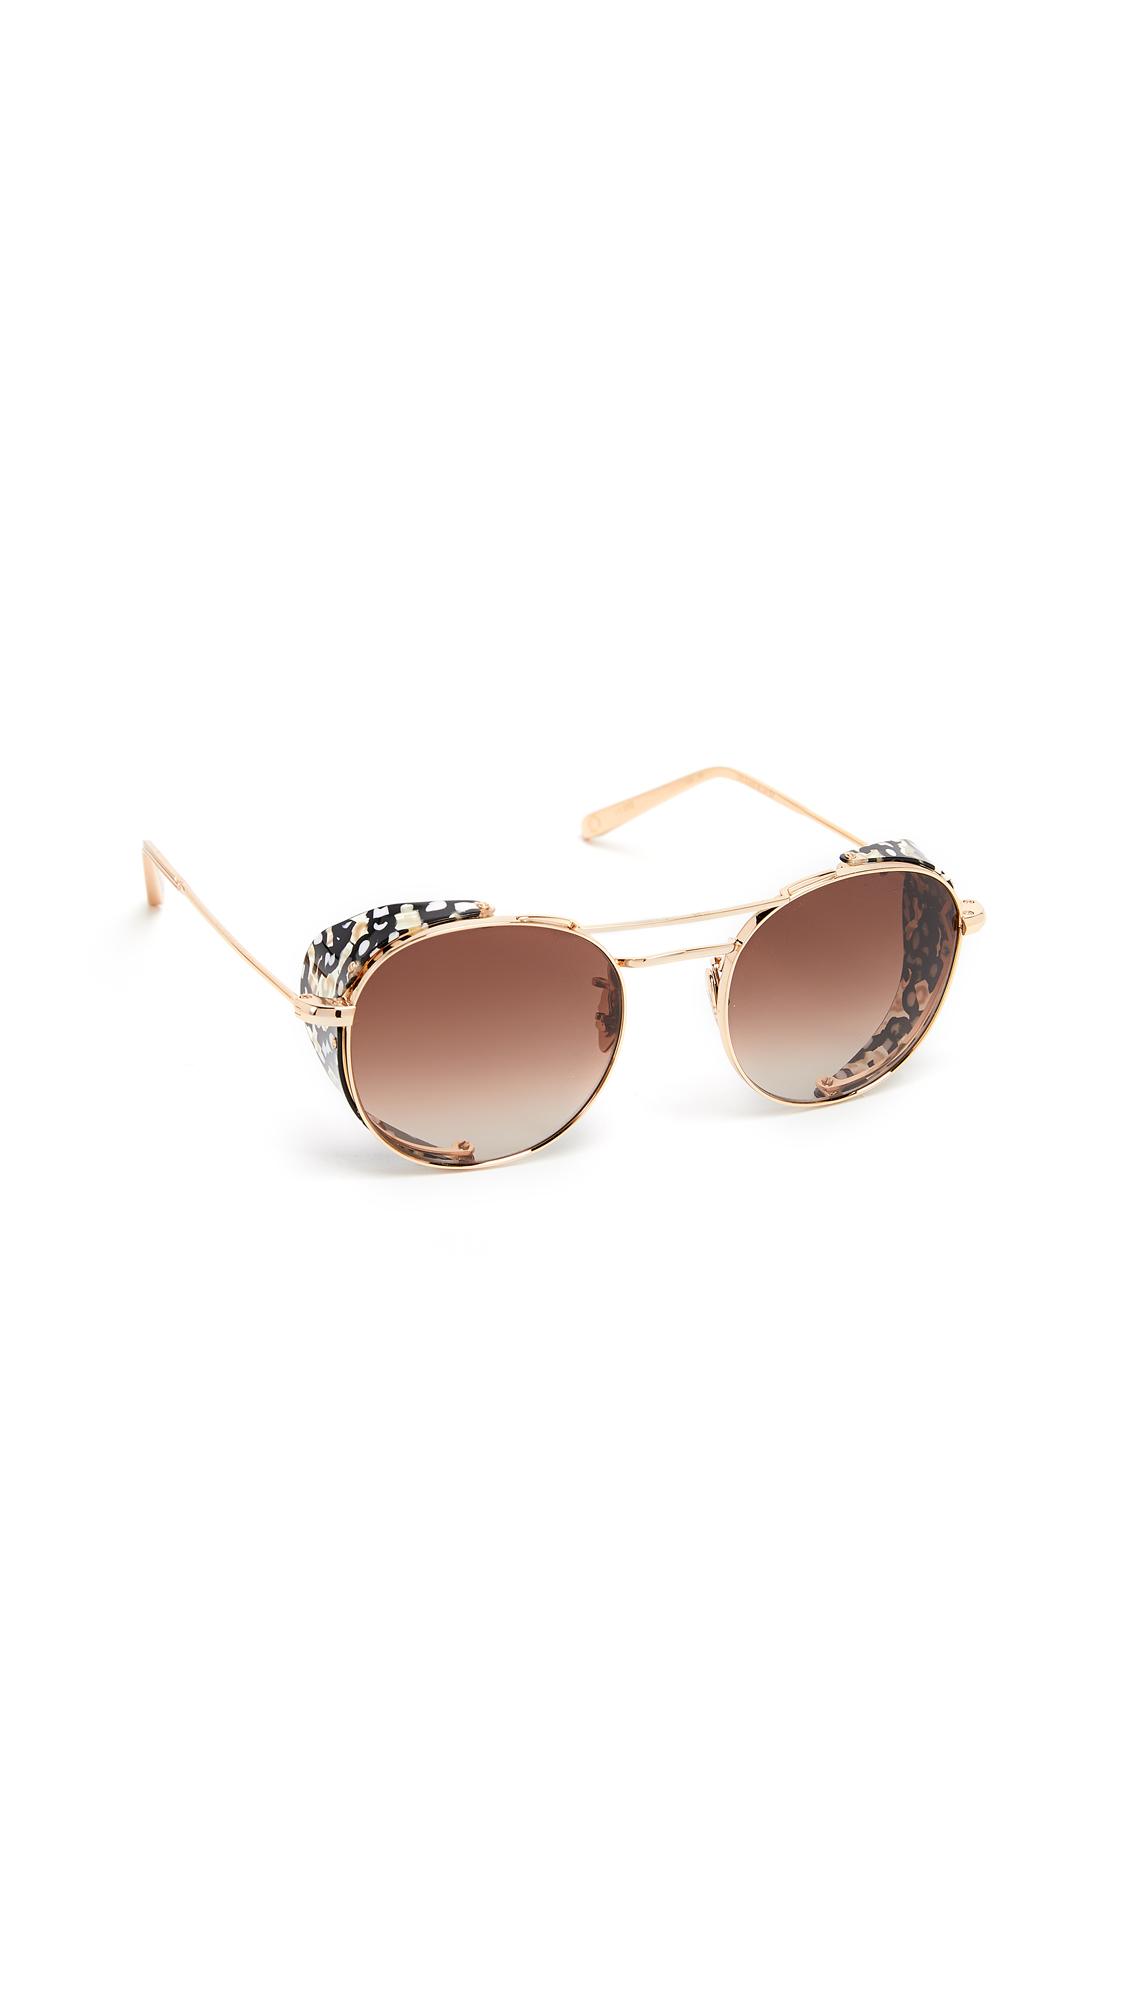 6c4437e359 Krewe Orleans Blinker Sunglasses